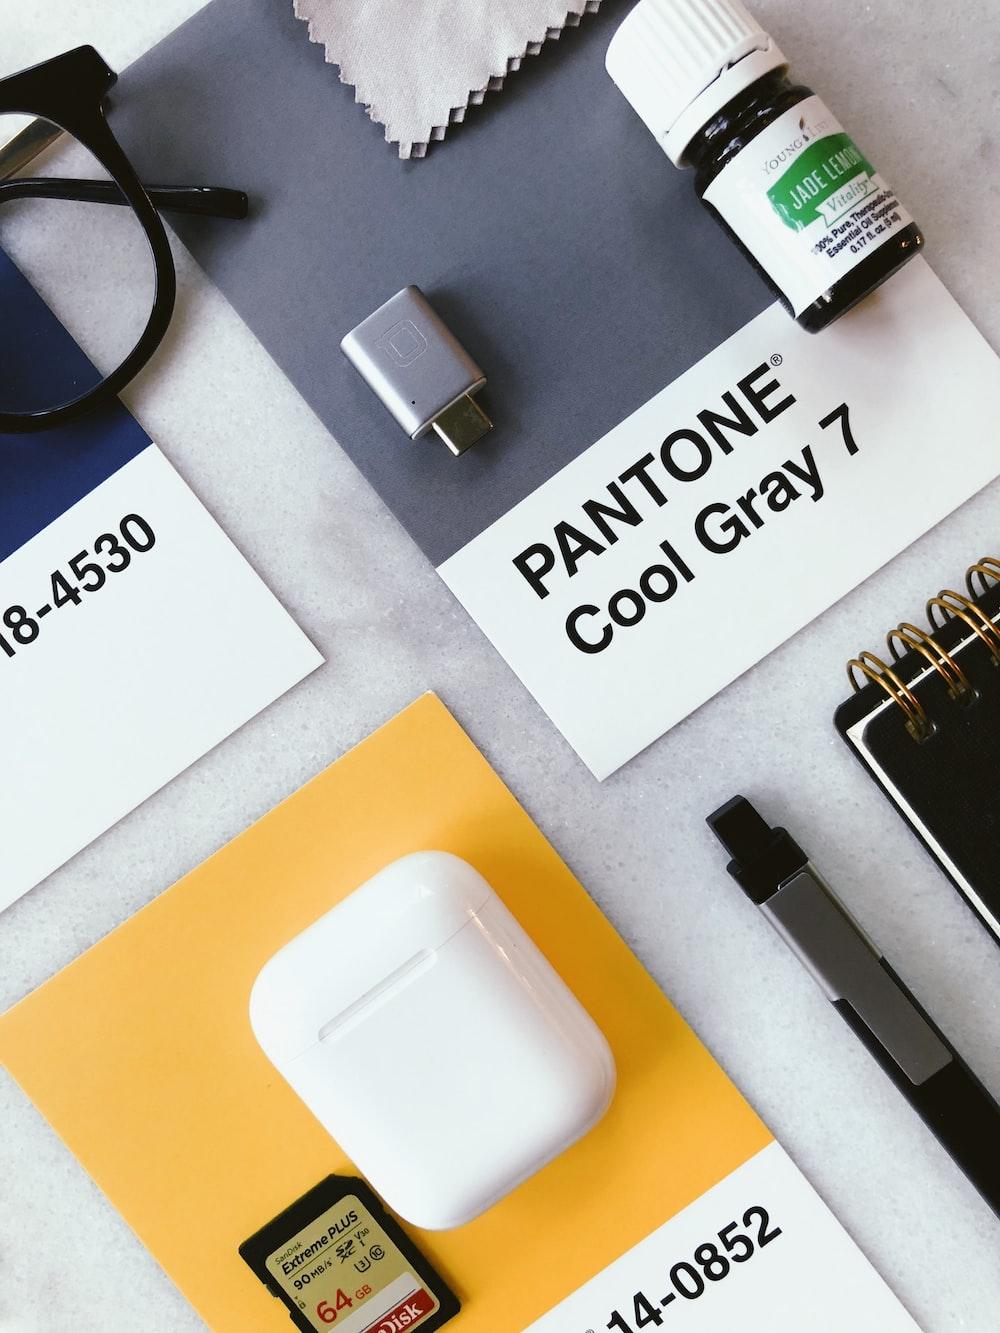 white usb flash drive on white printer paper